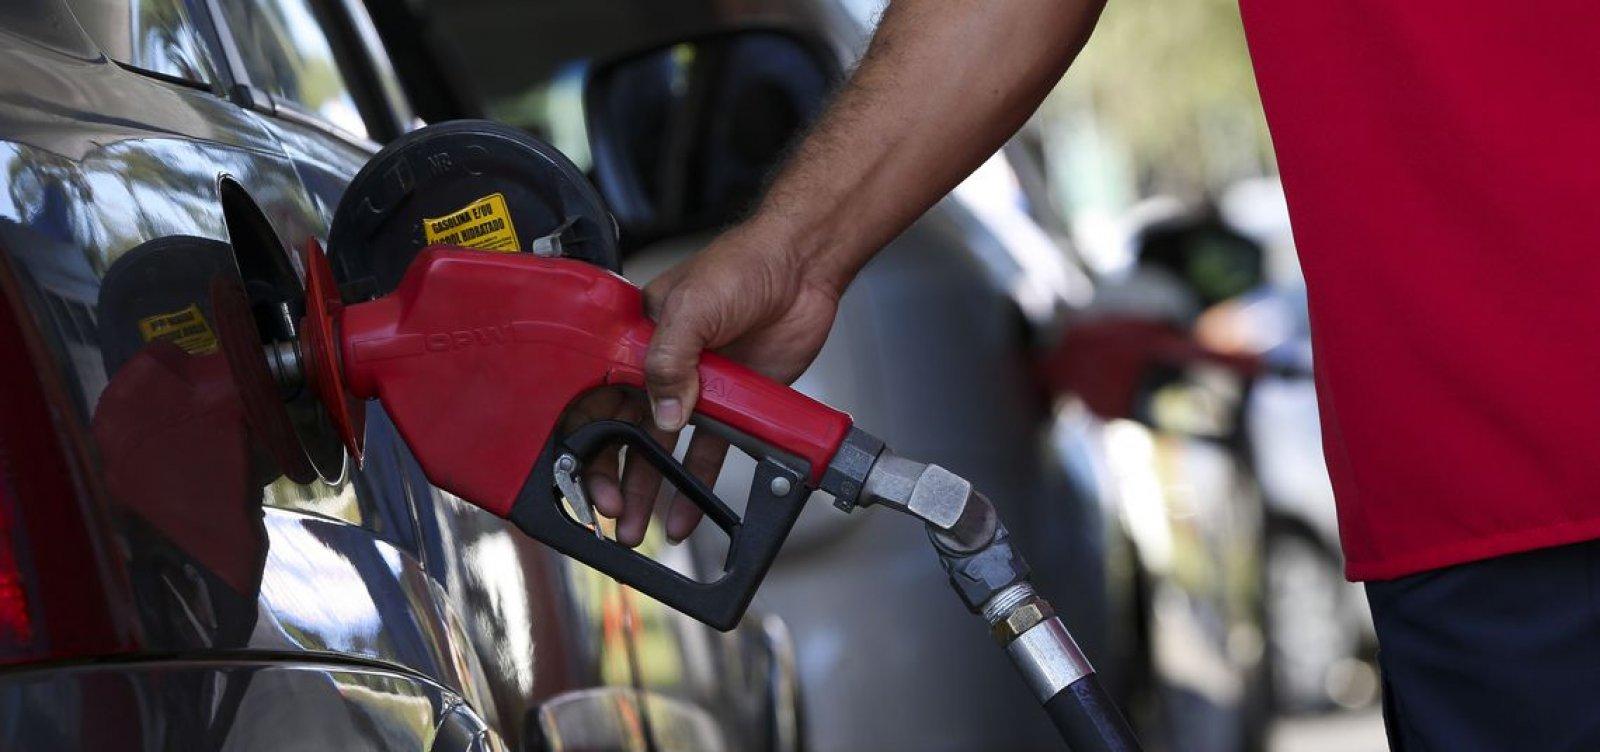 [Preço da gasolina sobe mais do que óleo diesel neste ano ]